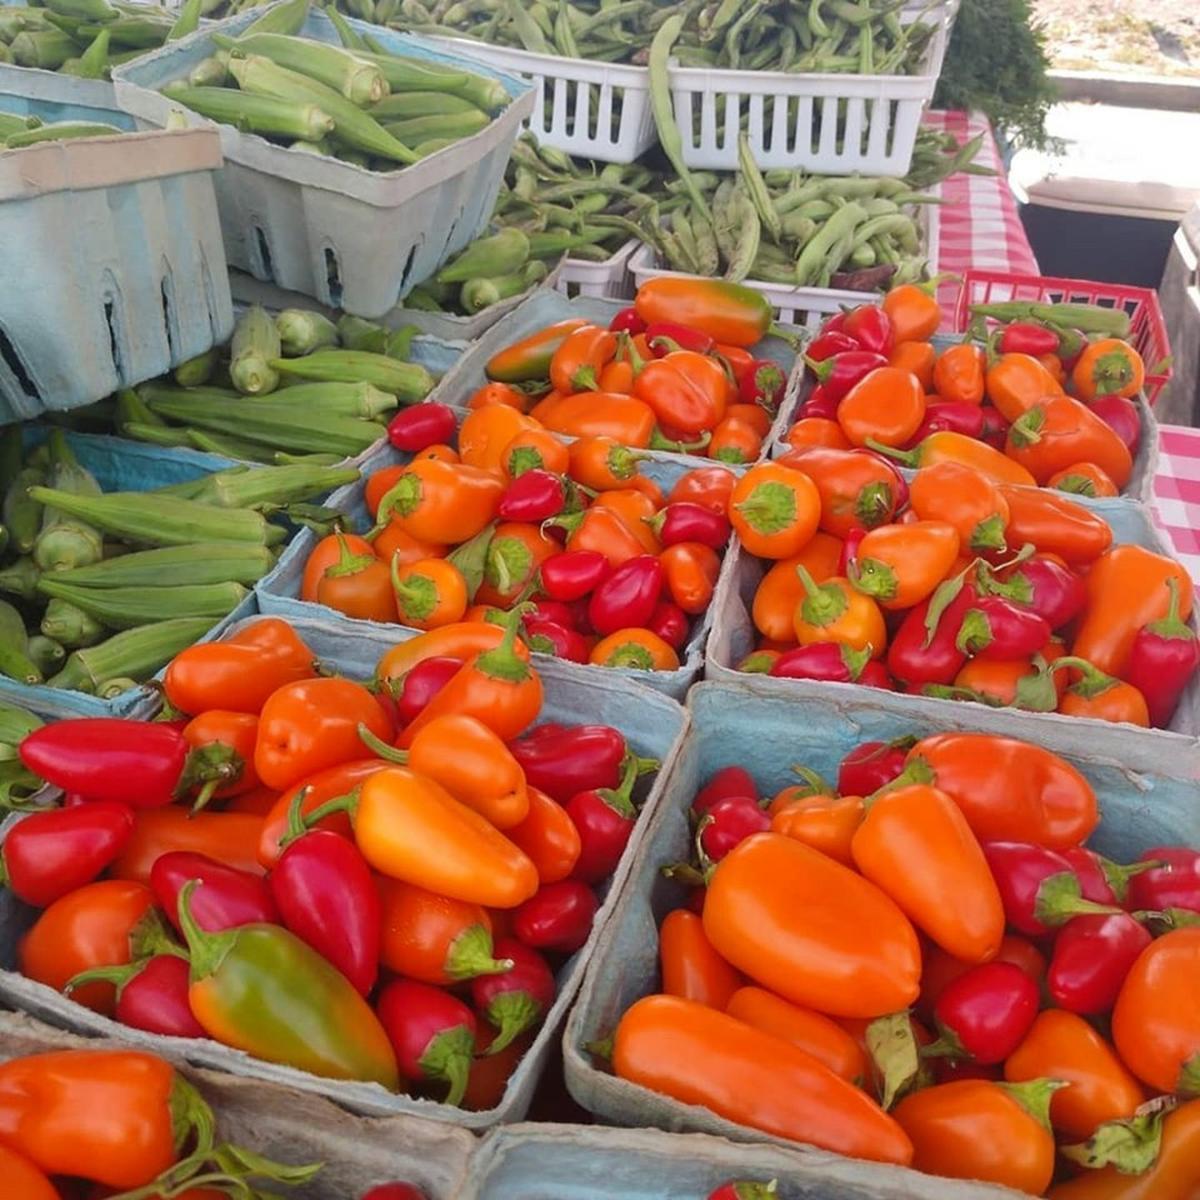 Rockmart Farmers Market October 2019